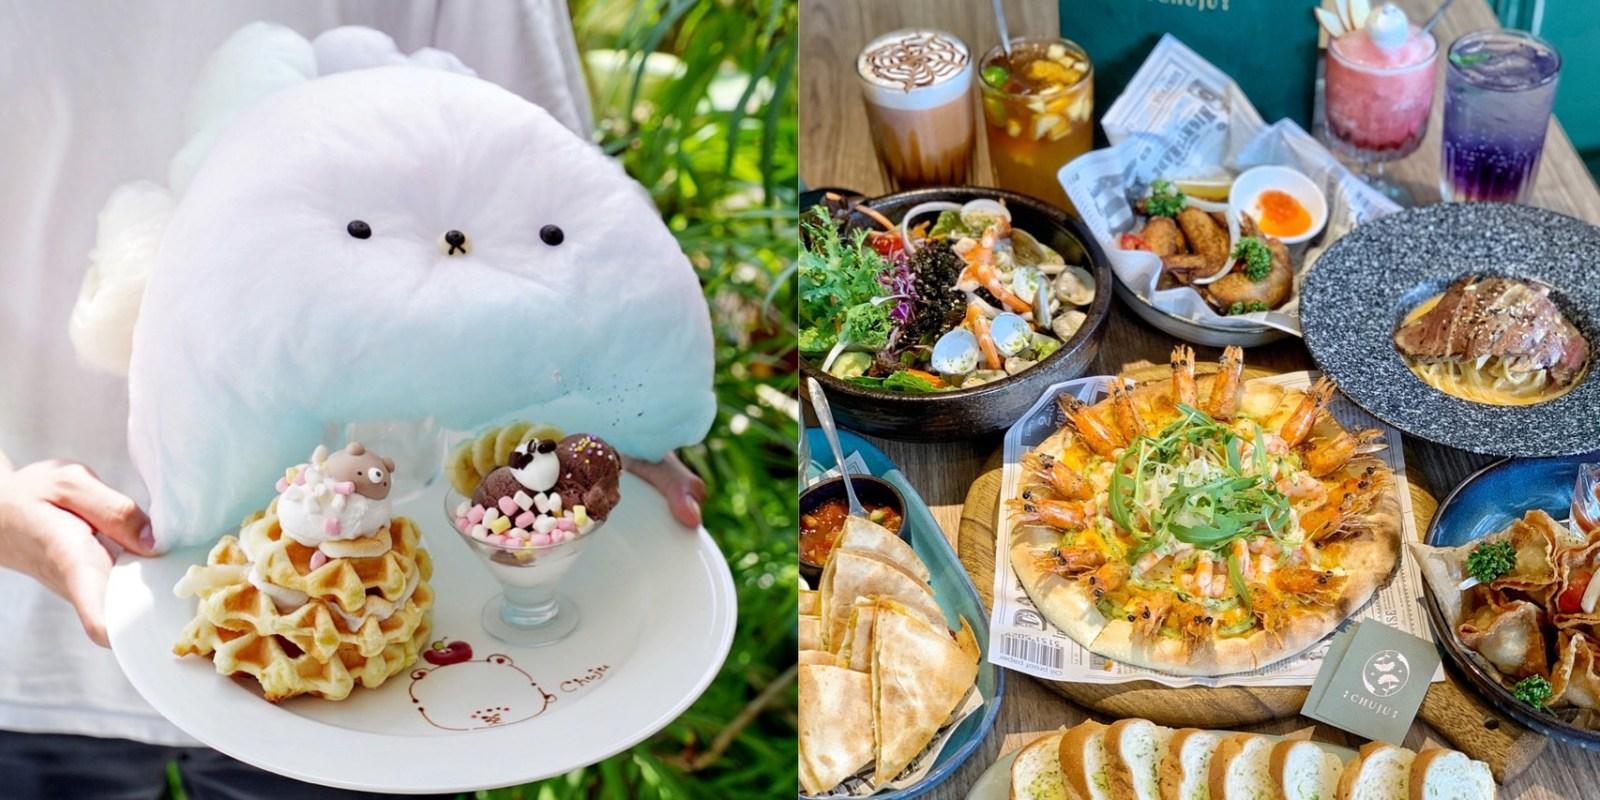 聚餐推薦!森林系網美風餐廳『CHUJU雛菊餐桌』,餐點選擇多、用餐環境舒適,飯後必點熱氣球棉花糖鬆餅塔!